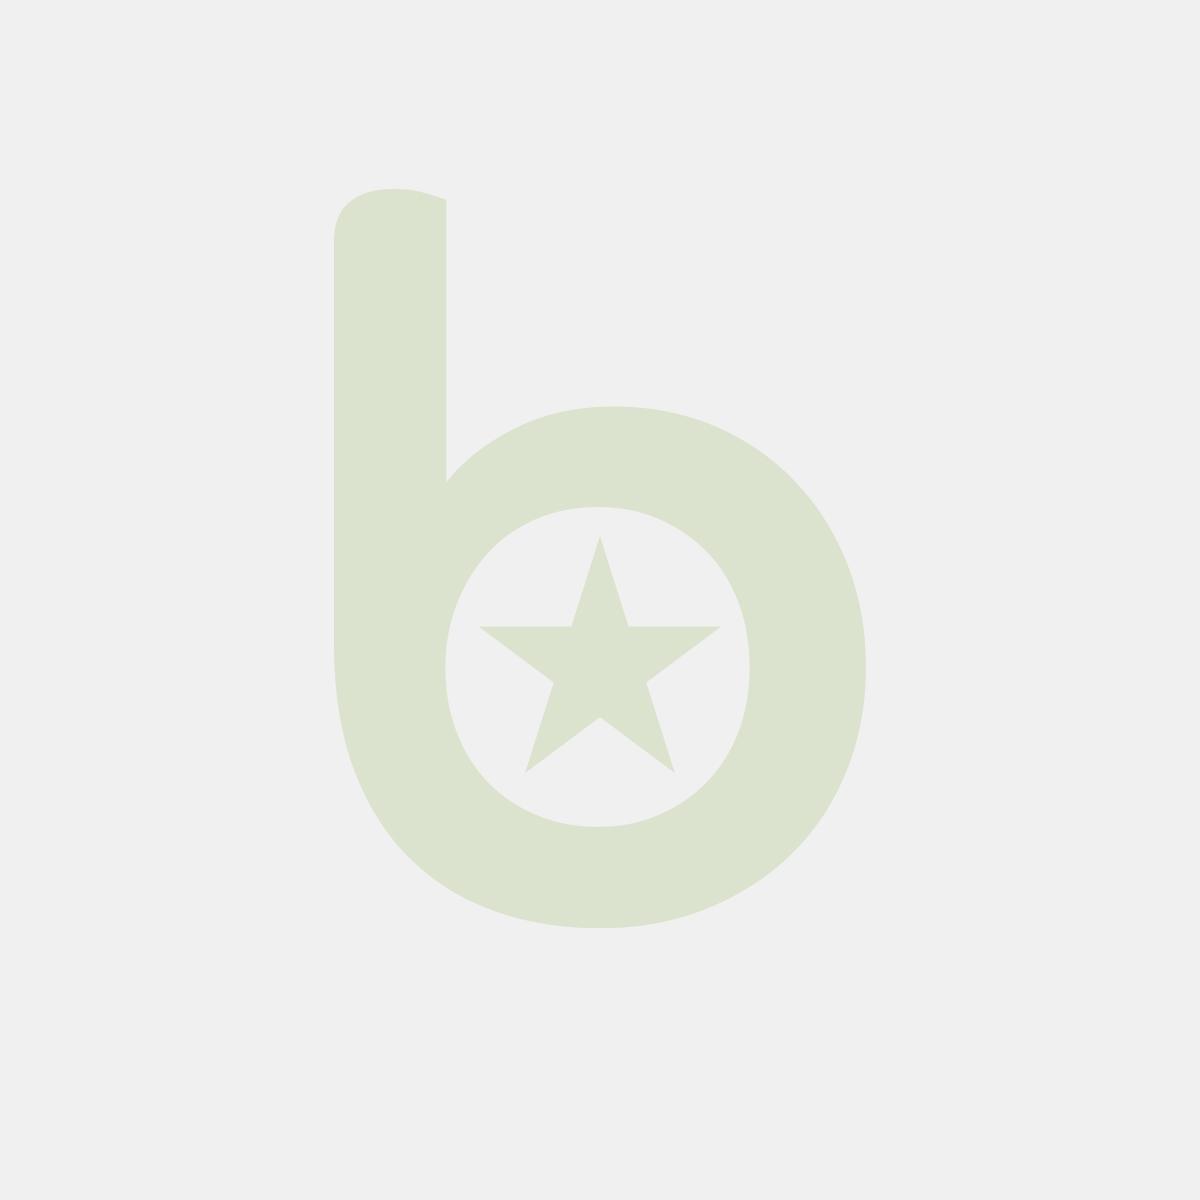 OsSan, środek do usuwania osadów wapiennych - odkamieniacz, cena za kanister 5l